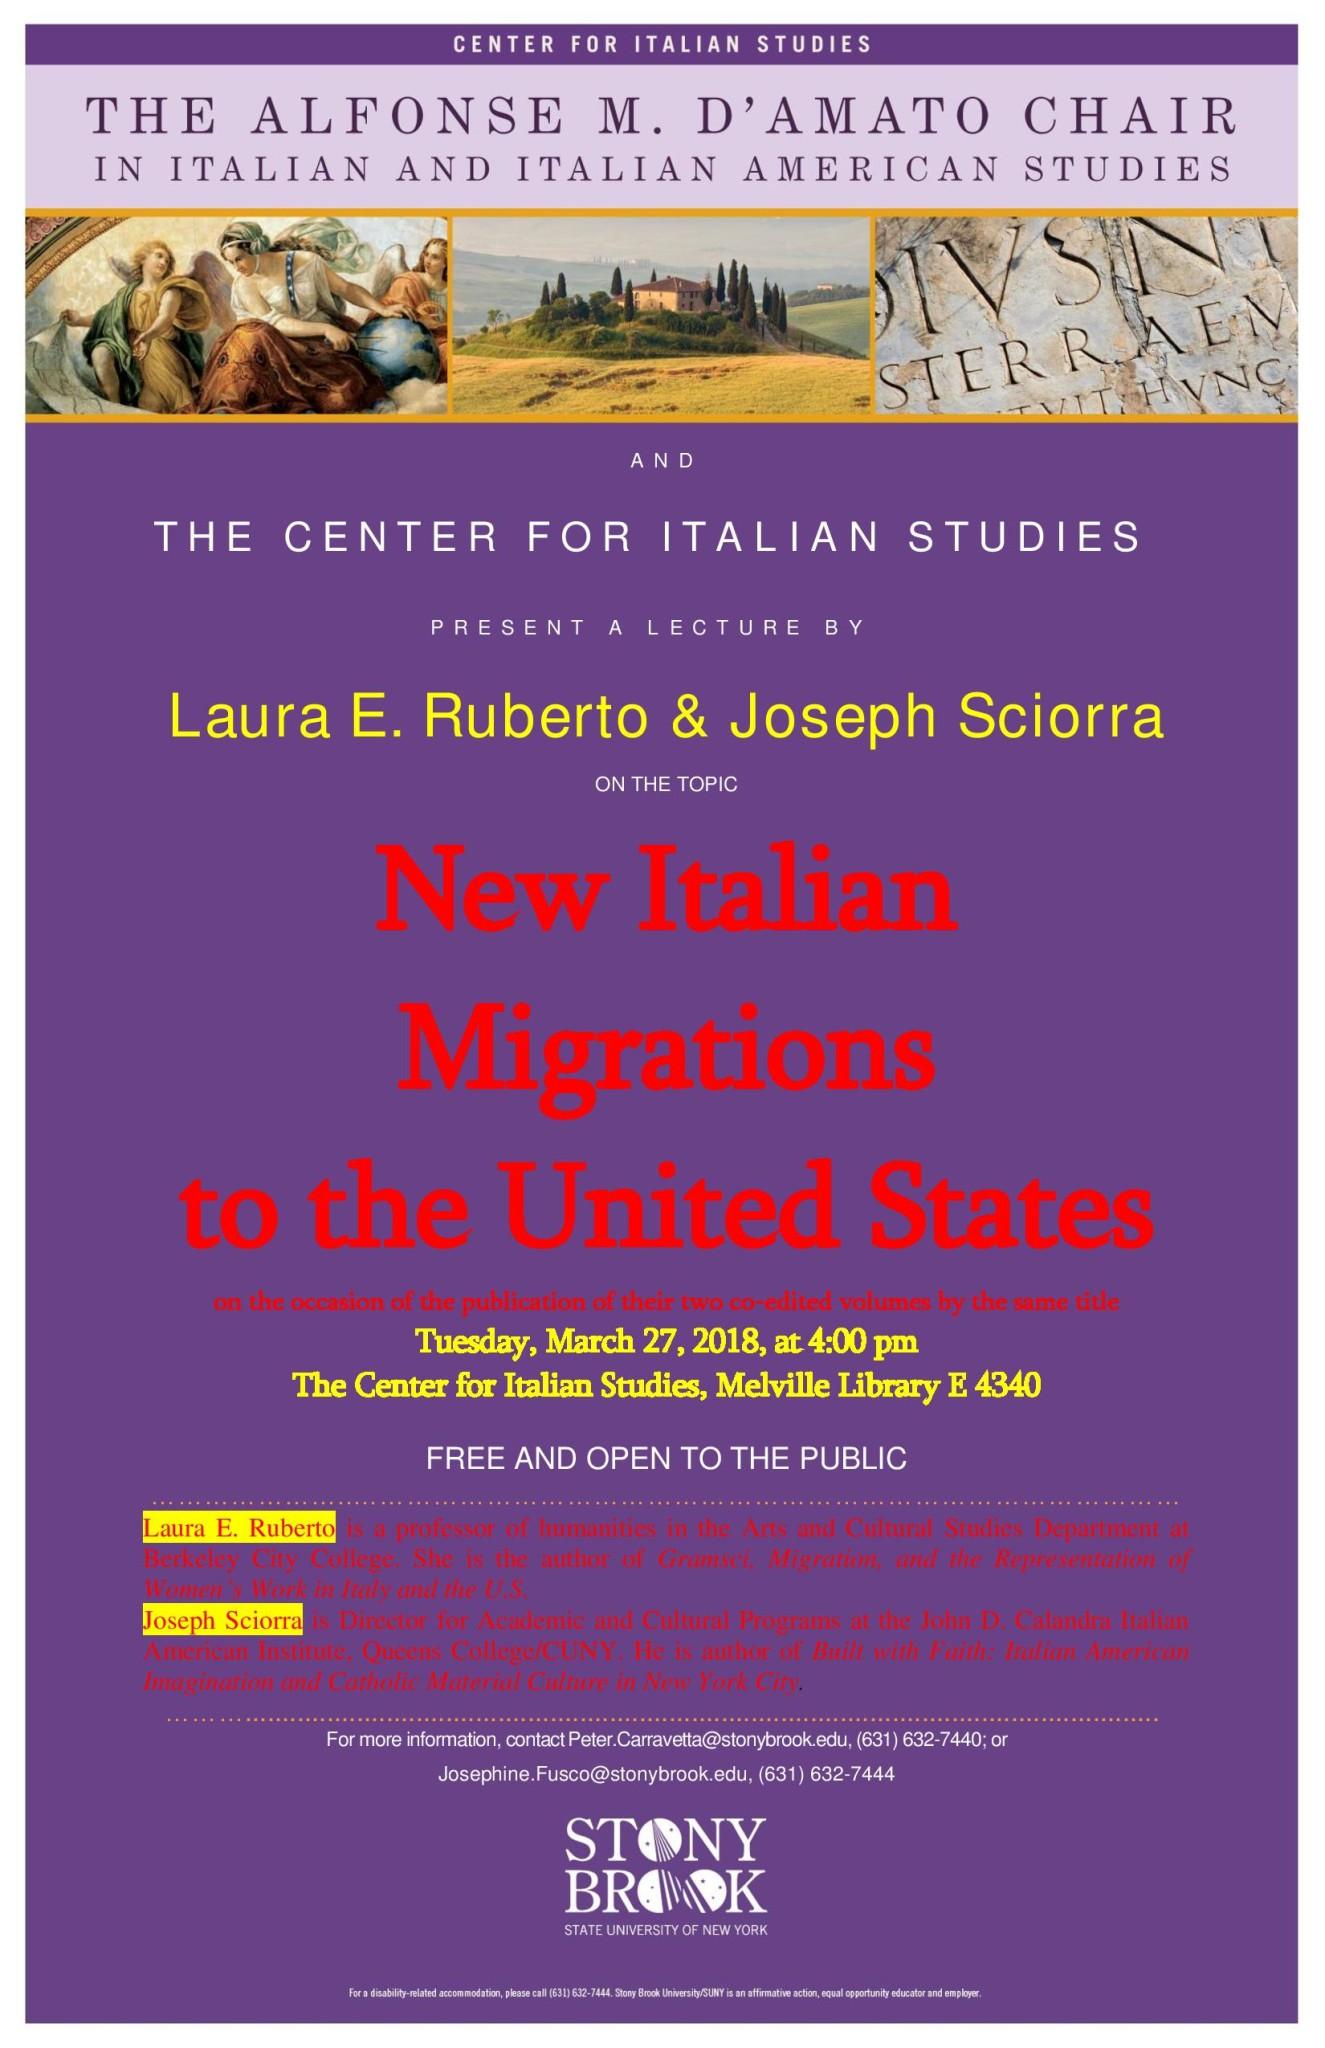 Mar. 2018_D Amato lecture flyer for Ruberto & Sciorra Talk, March 27, 2018-page-001